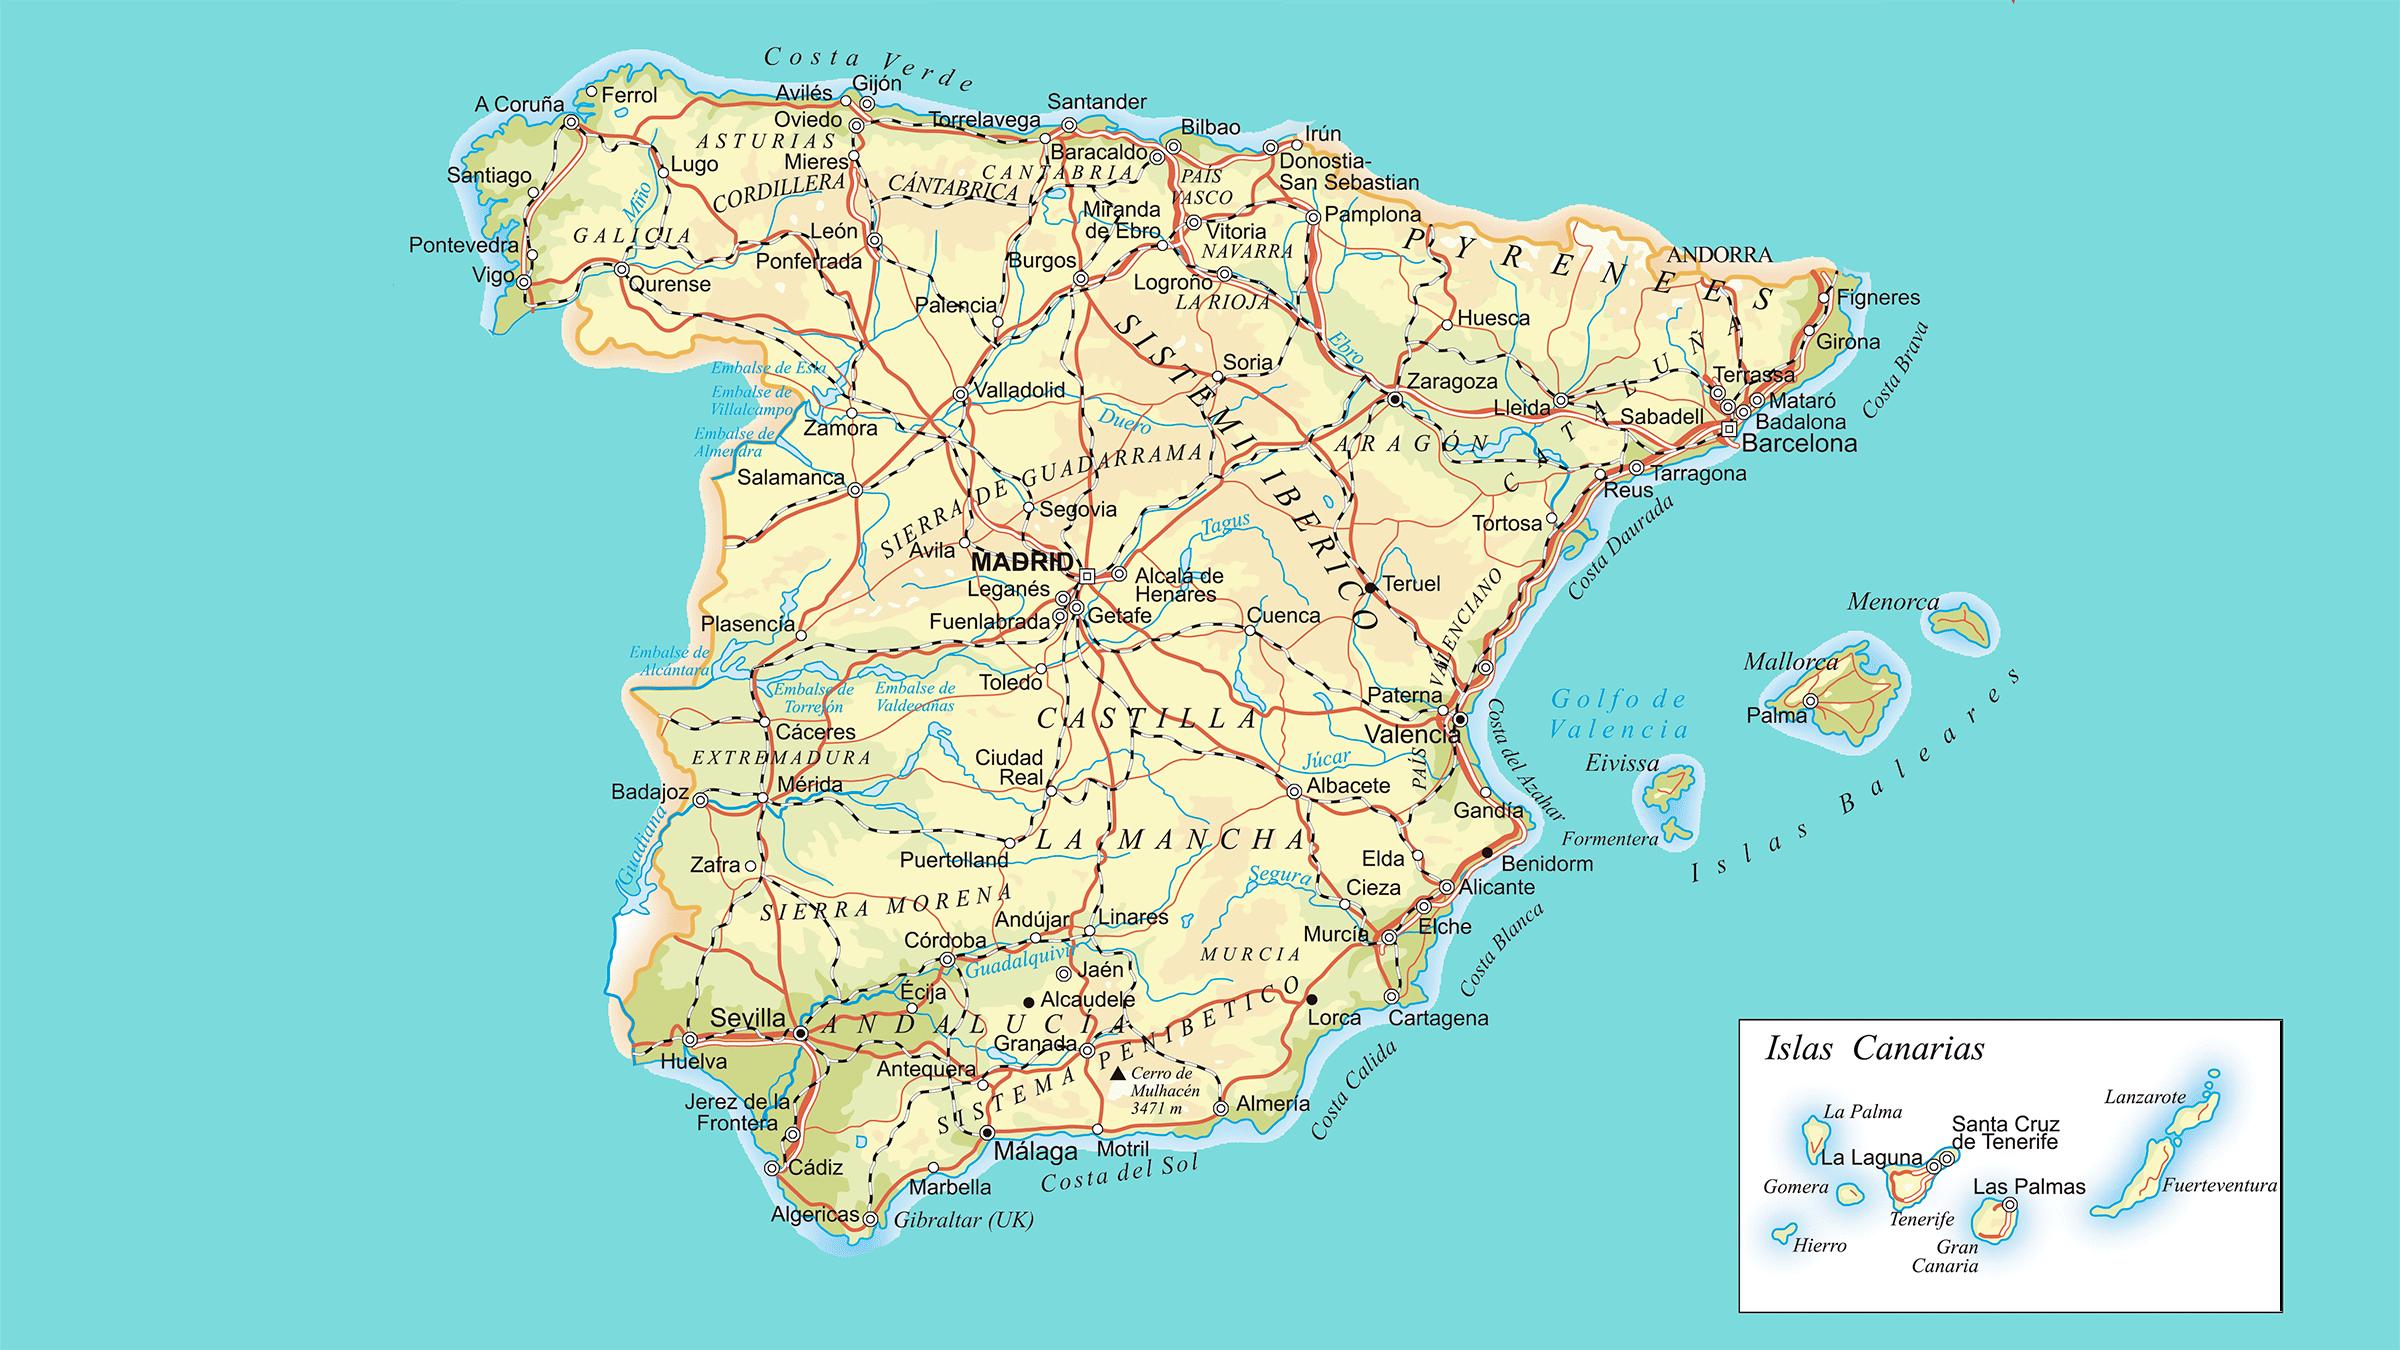 Mapa De España Carreteras.Mapa De Carreteras De Espana